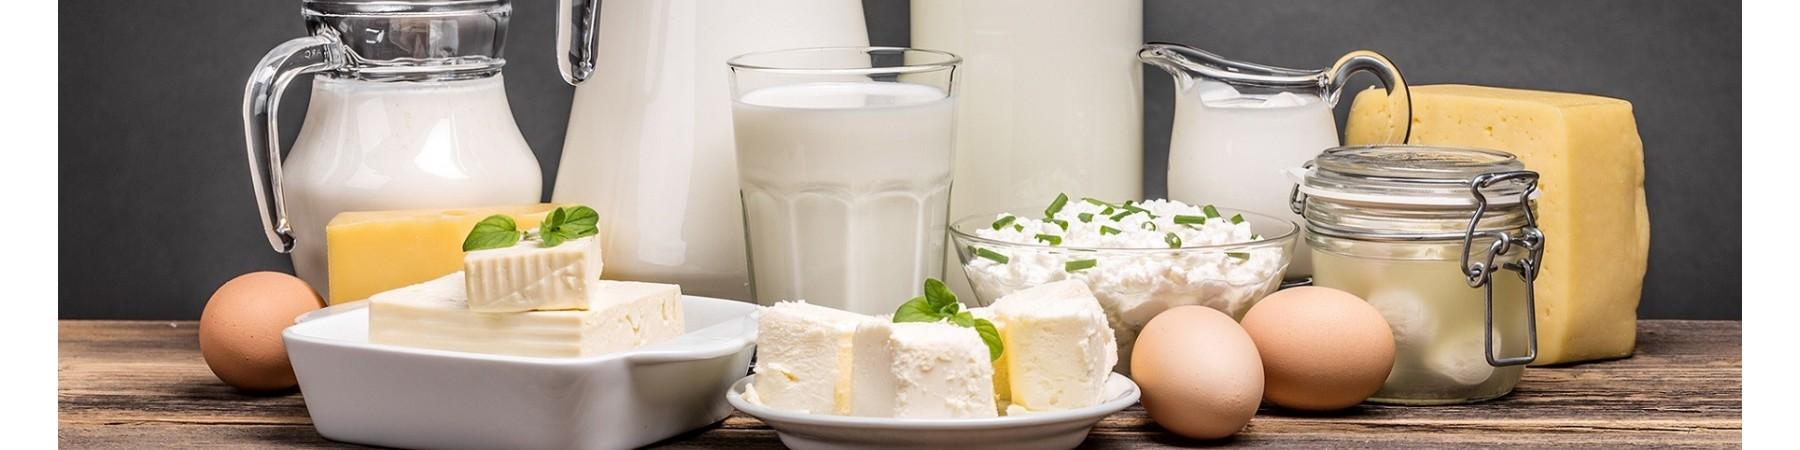 Sữa-bơ,phomai,phomat nhập khẩu chính hãng,gjá rẻ